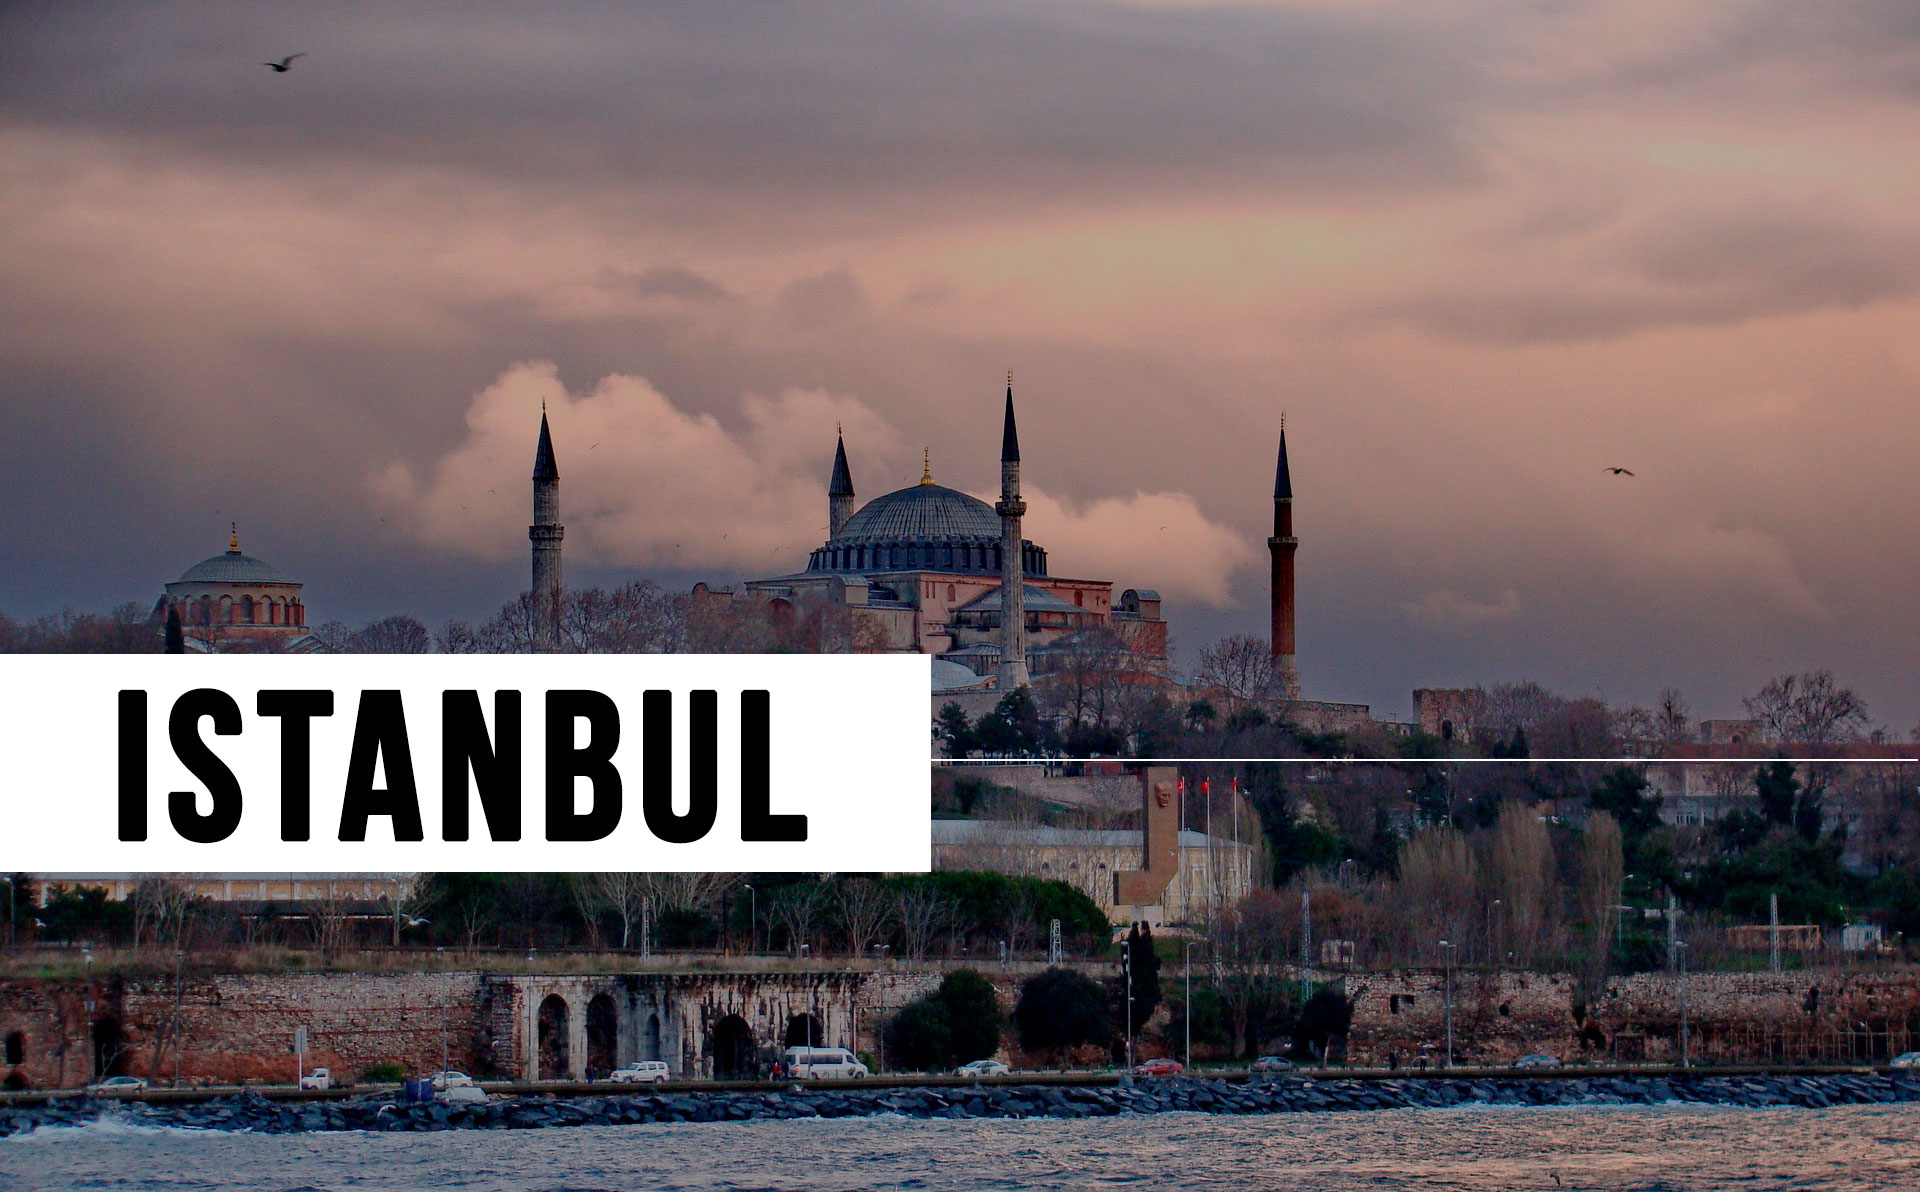 Достопримечательности Стамбула: 6 Невероятных мест Турецкой столицы